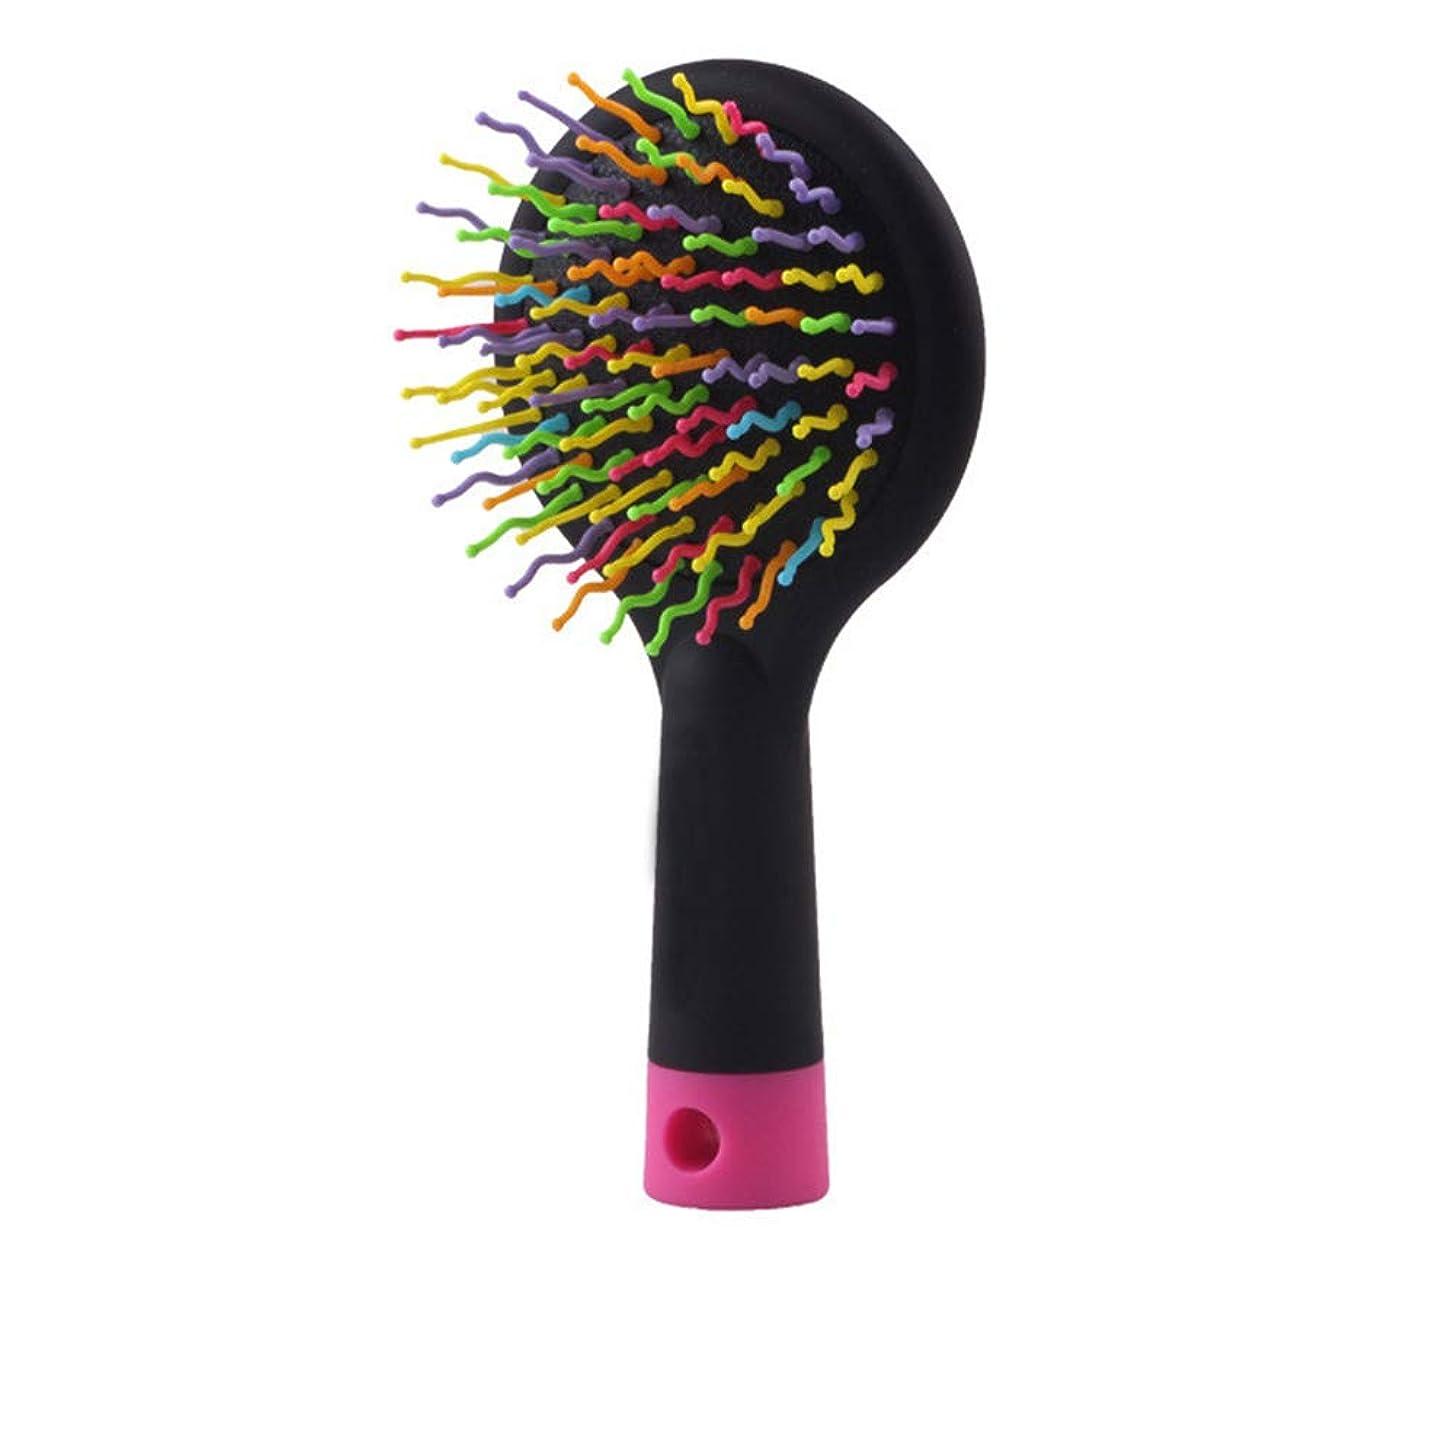 ナイトスポット深めるアレイ長い、厚い、波状の、波状の、乾燥した、または損傷した髪のための2個のヘアブラシ、毛の破損および縮れを減らす、